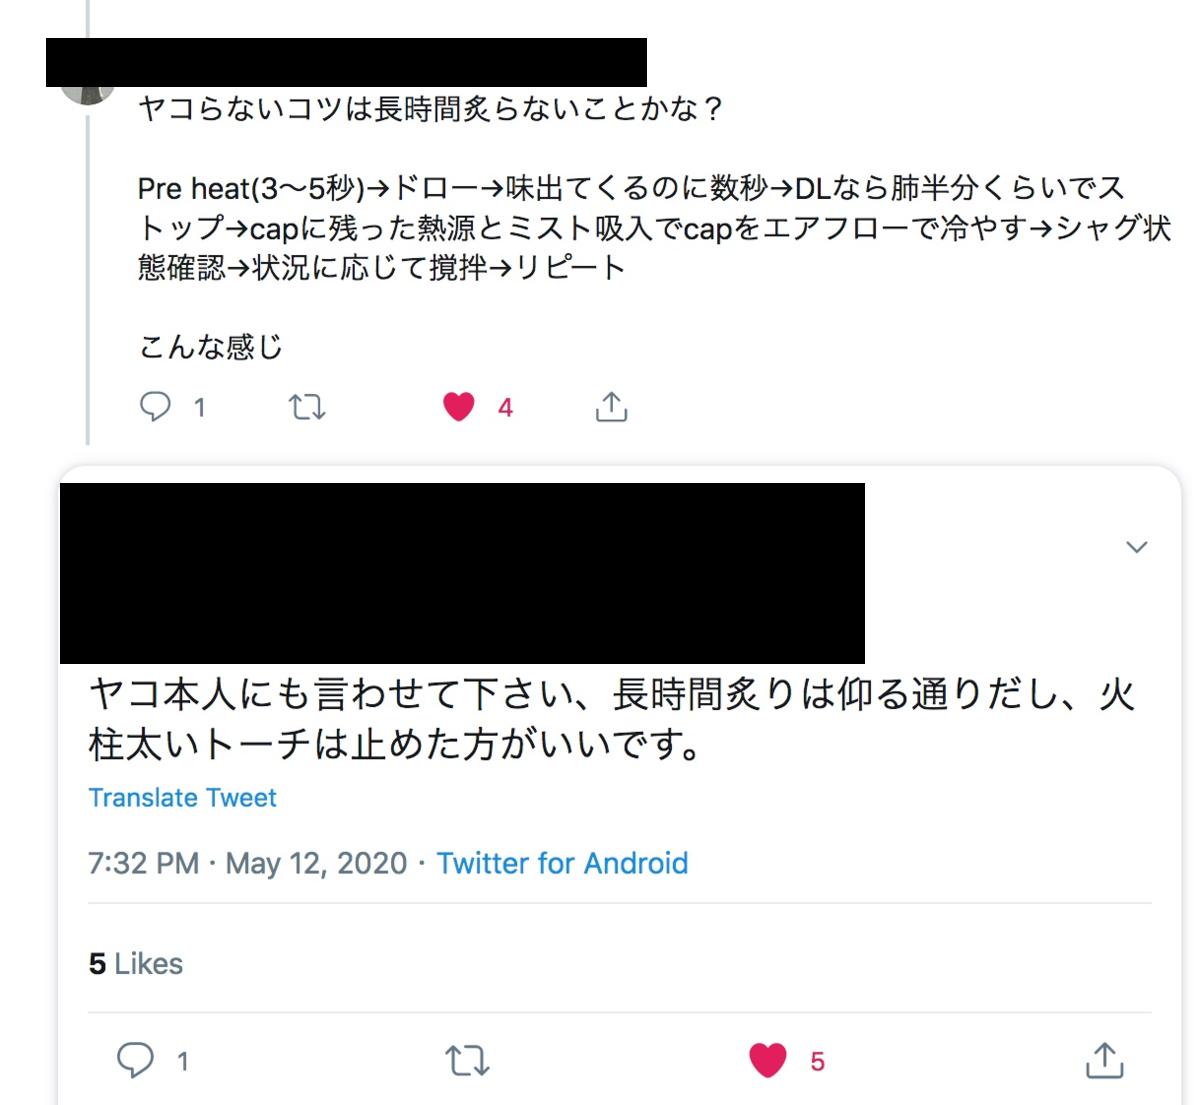 f:id:umu_umai_ojisan:20200512234400p:plain